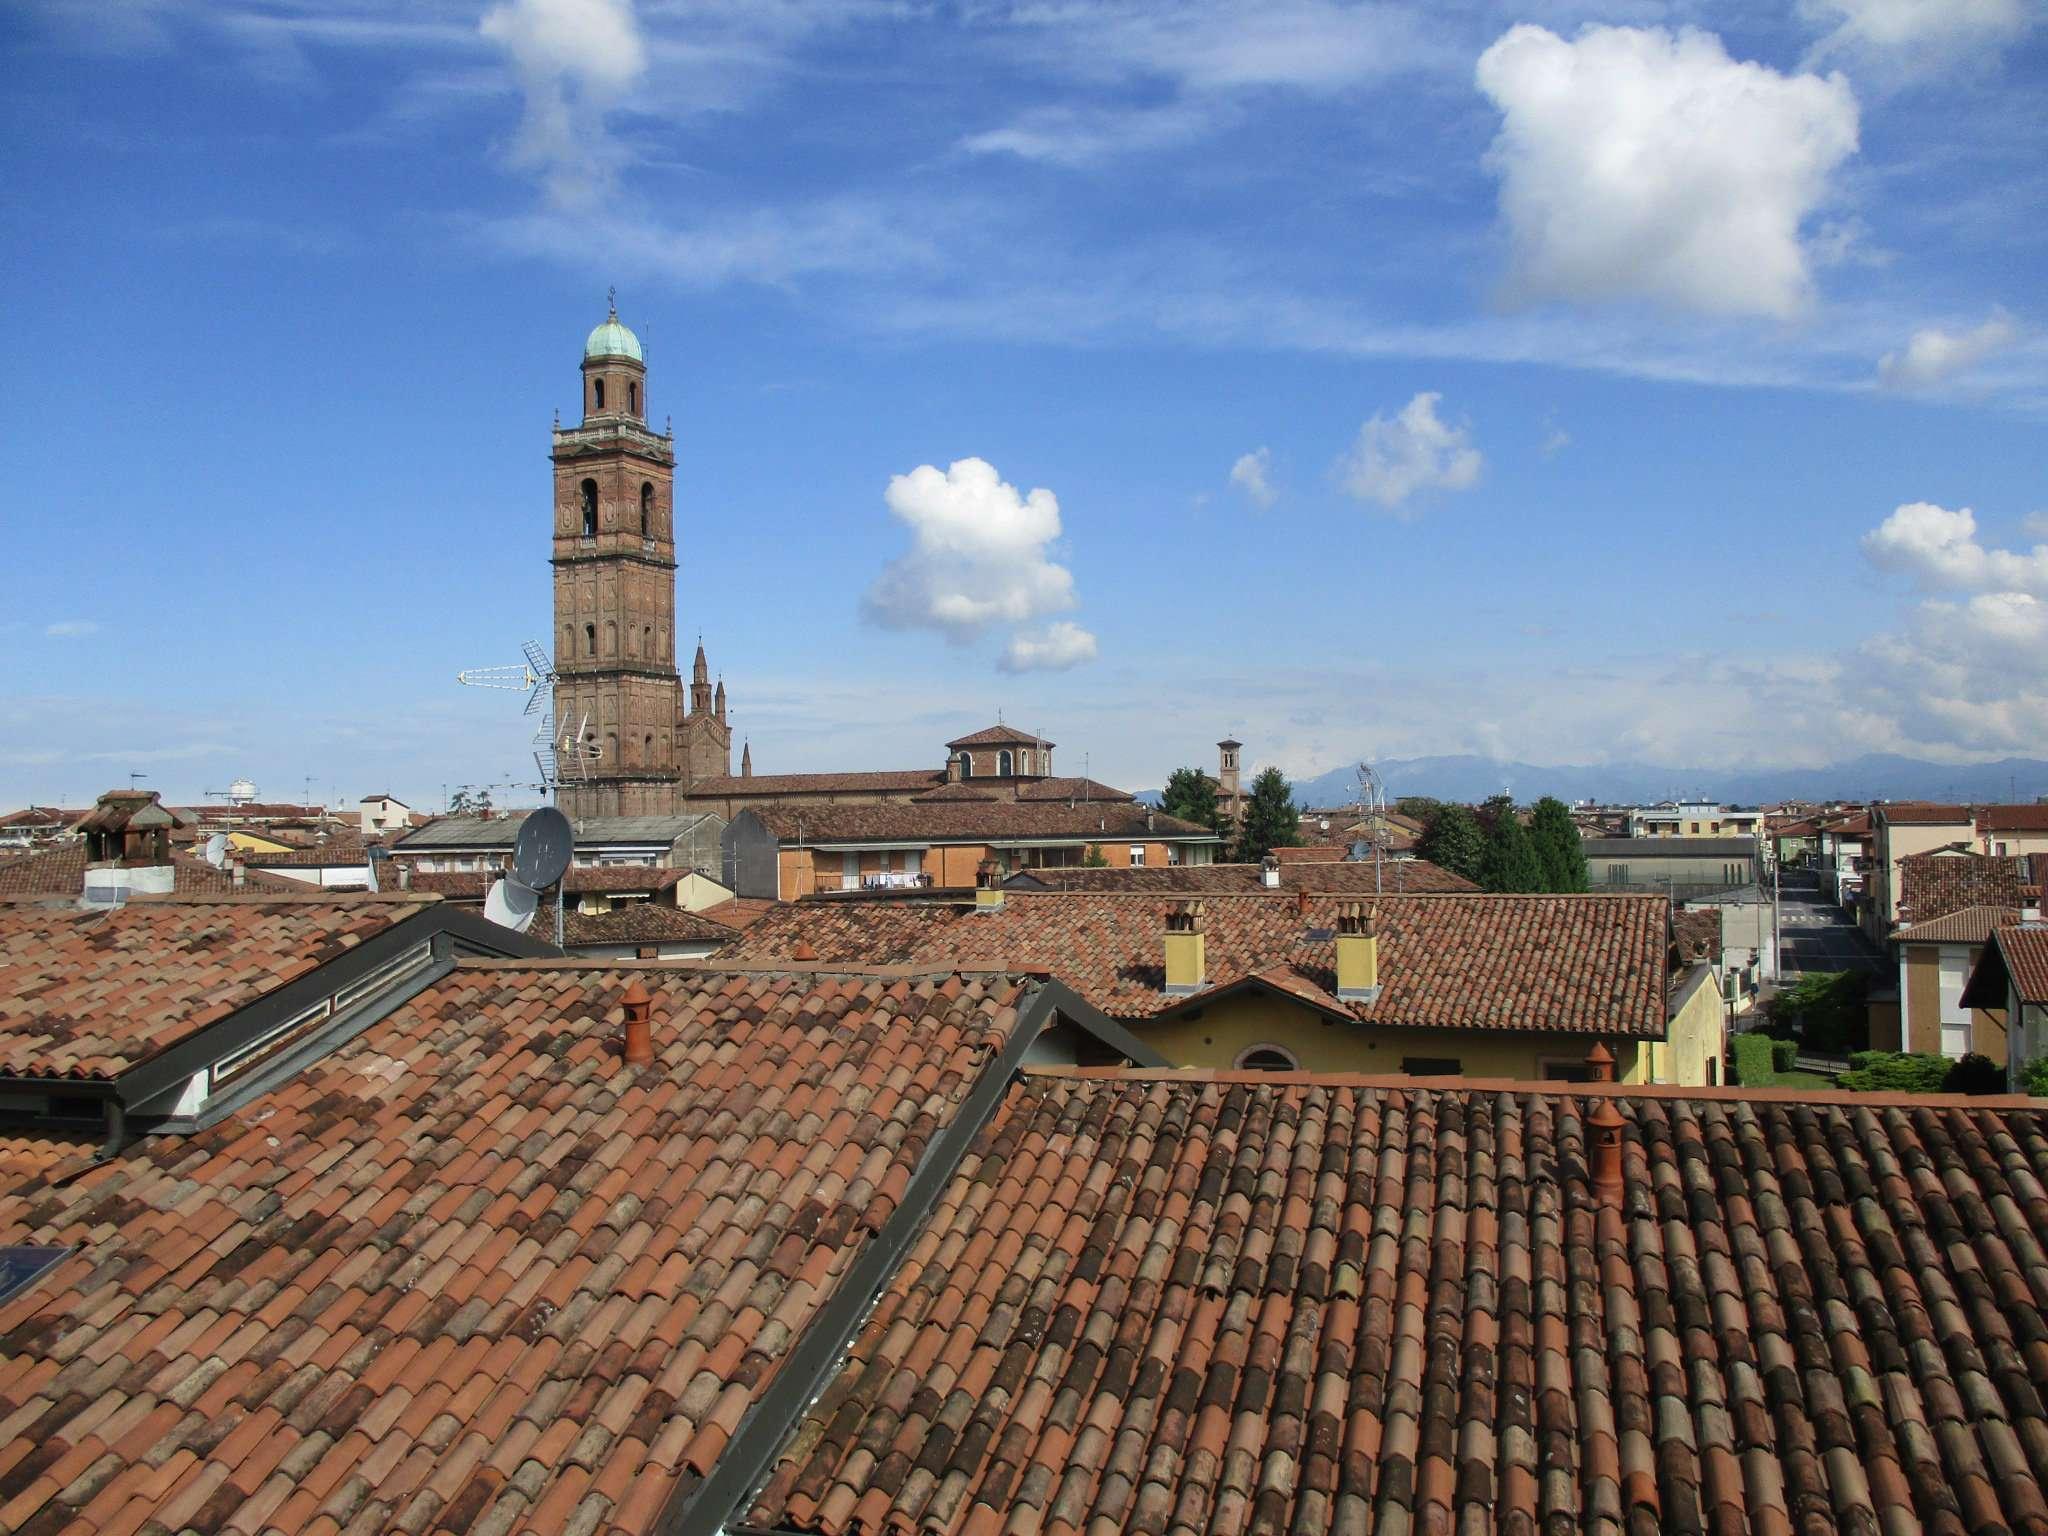 Attico / Mansarda in vendita a Caravaggio, 4 locali, prezzo € 328.000 | Cambio Casa.it